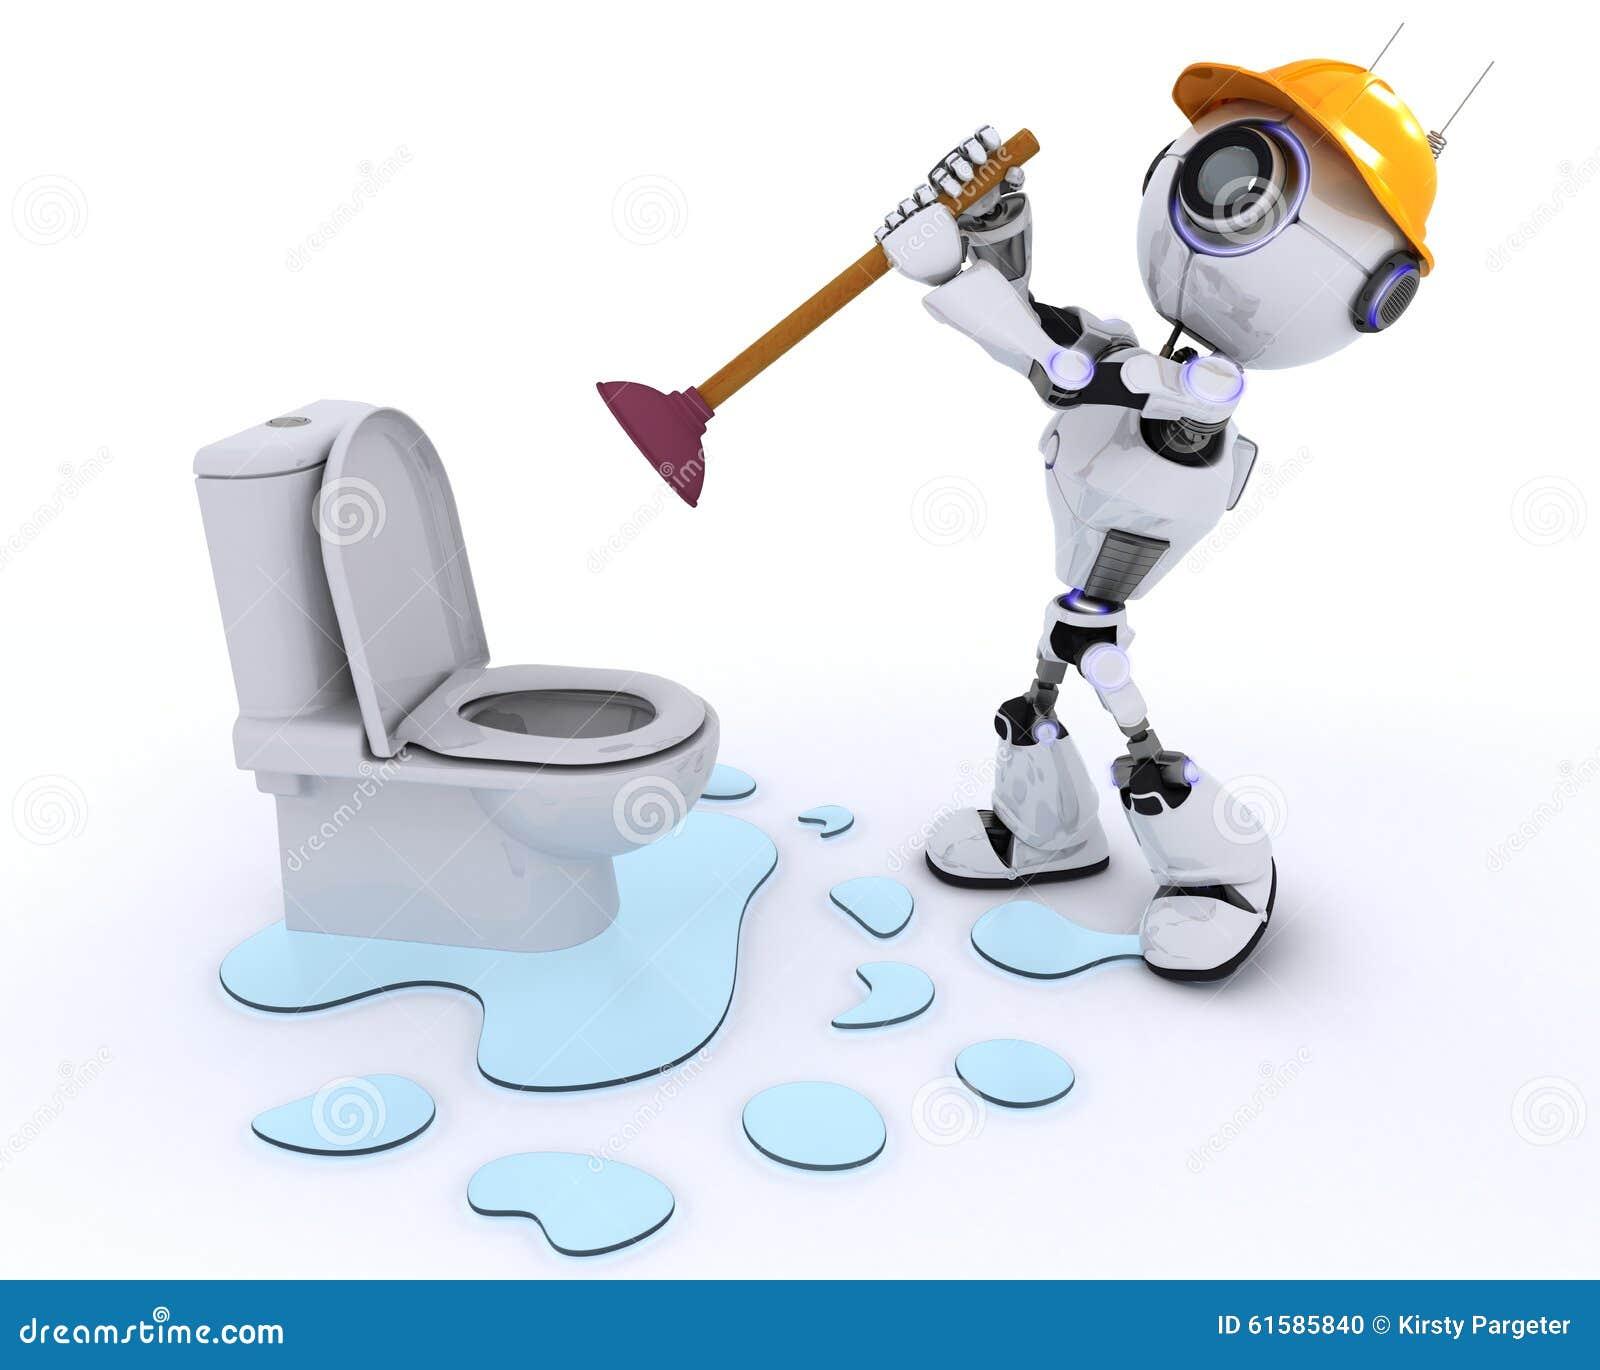 Robot Robot Plumber Fixing A Leak Stock Illustration